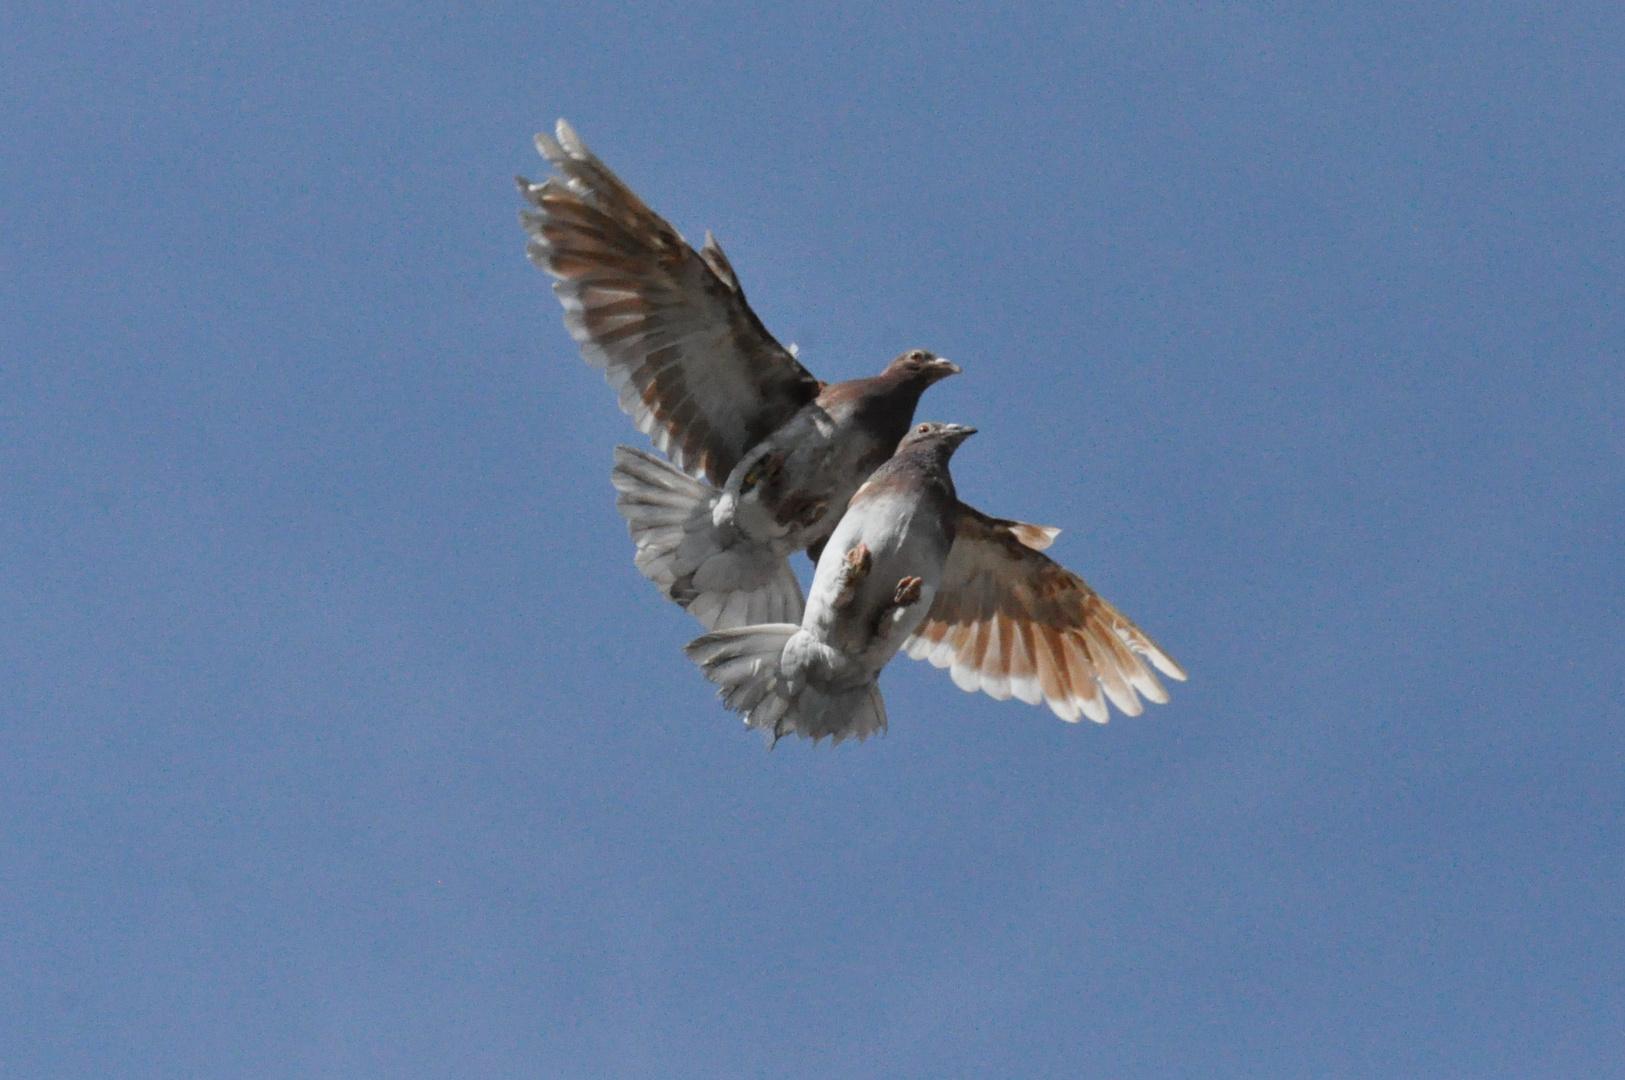 Tauben 03: Doppeltflug